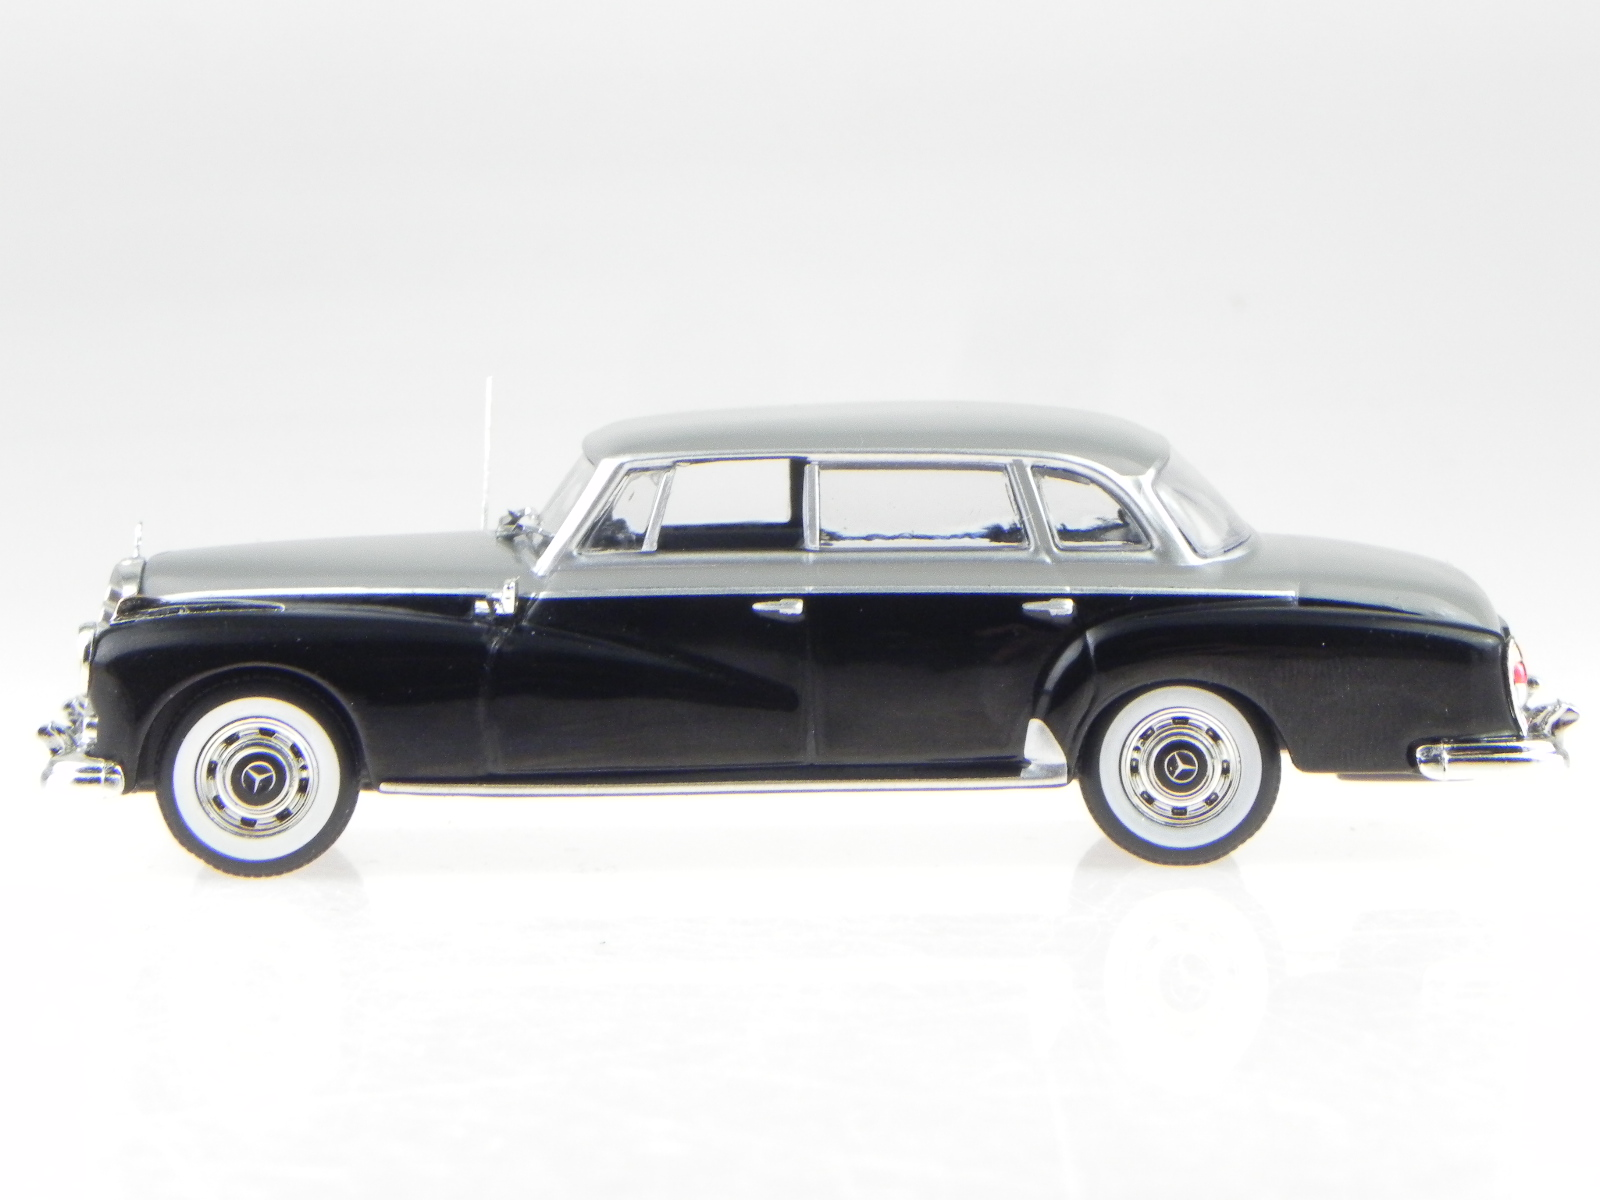 Mercedes W189 300d 1957 schwarz grau Modellauto WB186 Whitebox 1:43